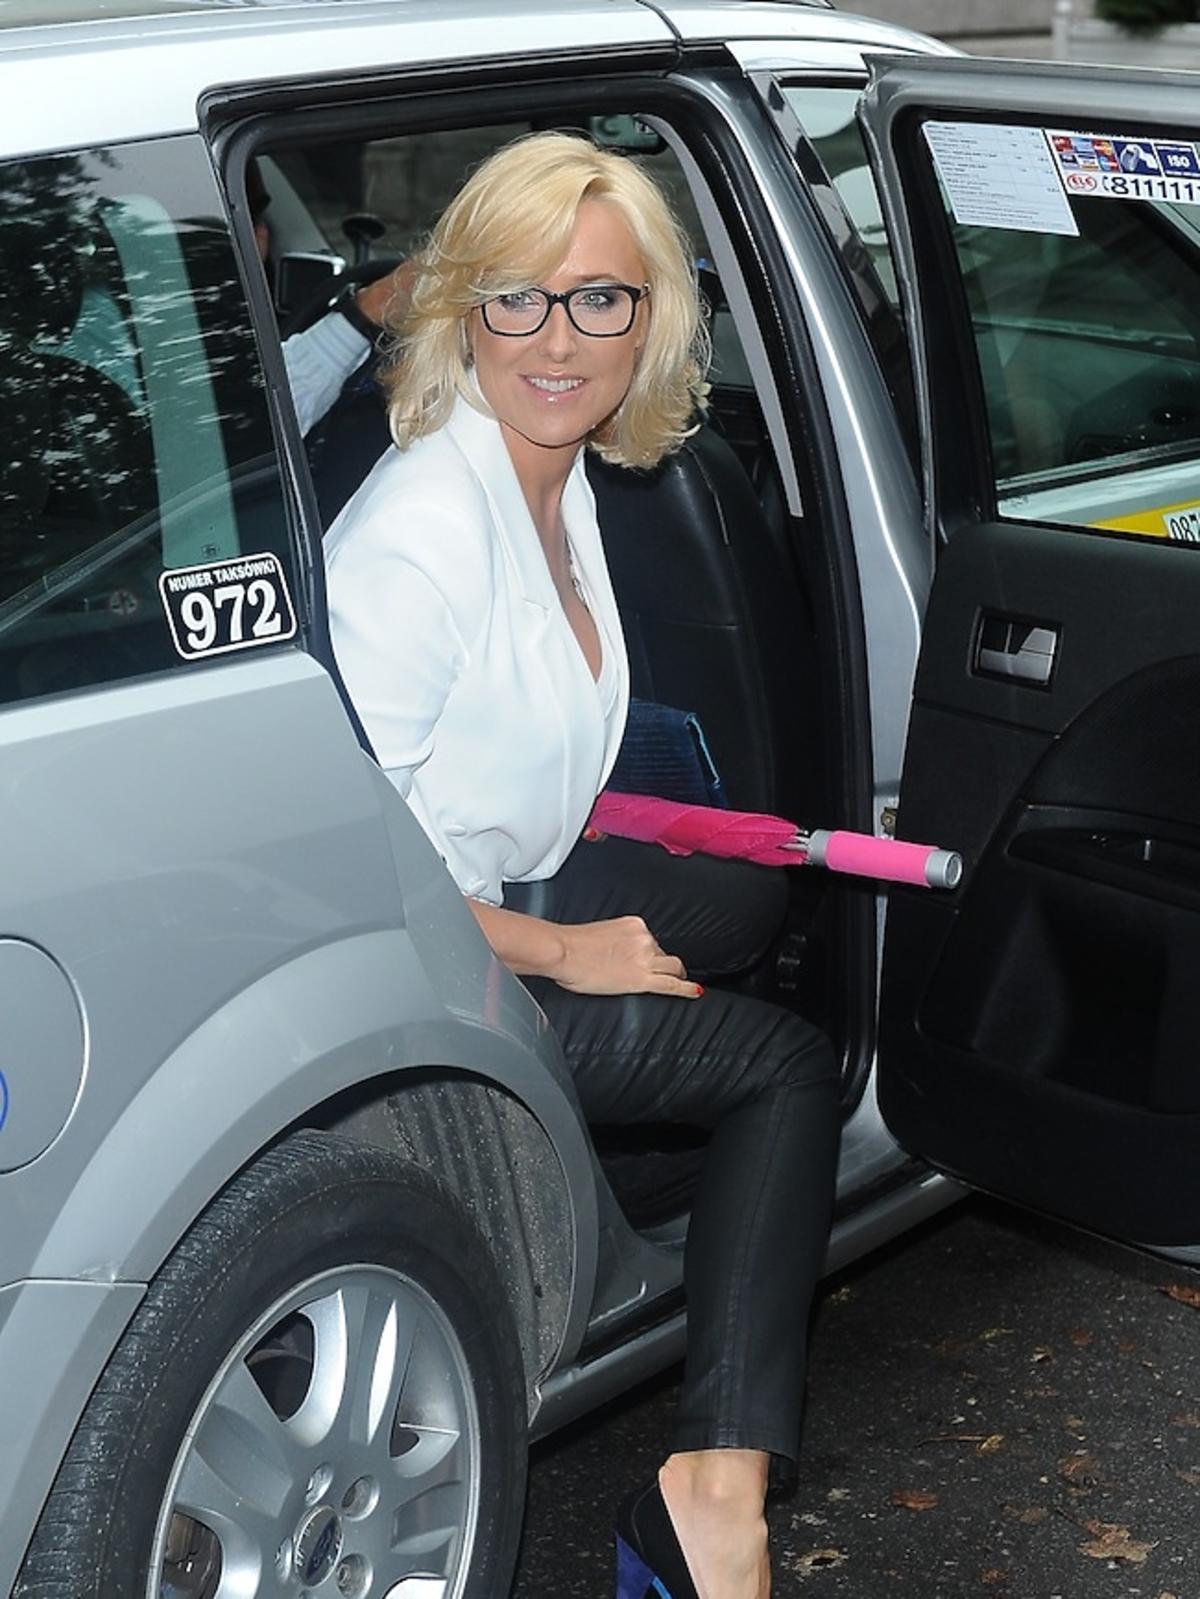 <B>Agata Młynarska</B> została przyłapana przez paparazzi jak wysiada z taxi. Gwiazda szła na służbowe spotkanie.